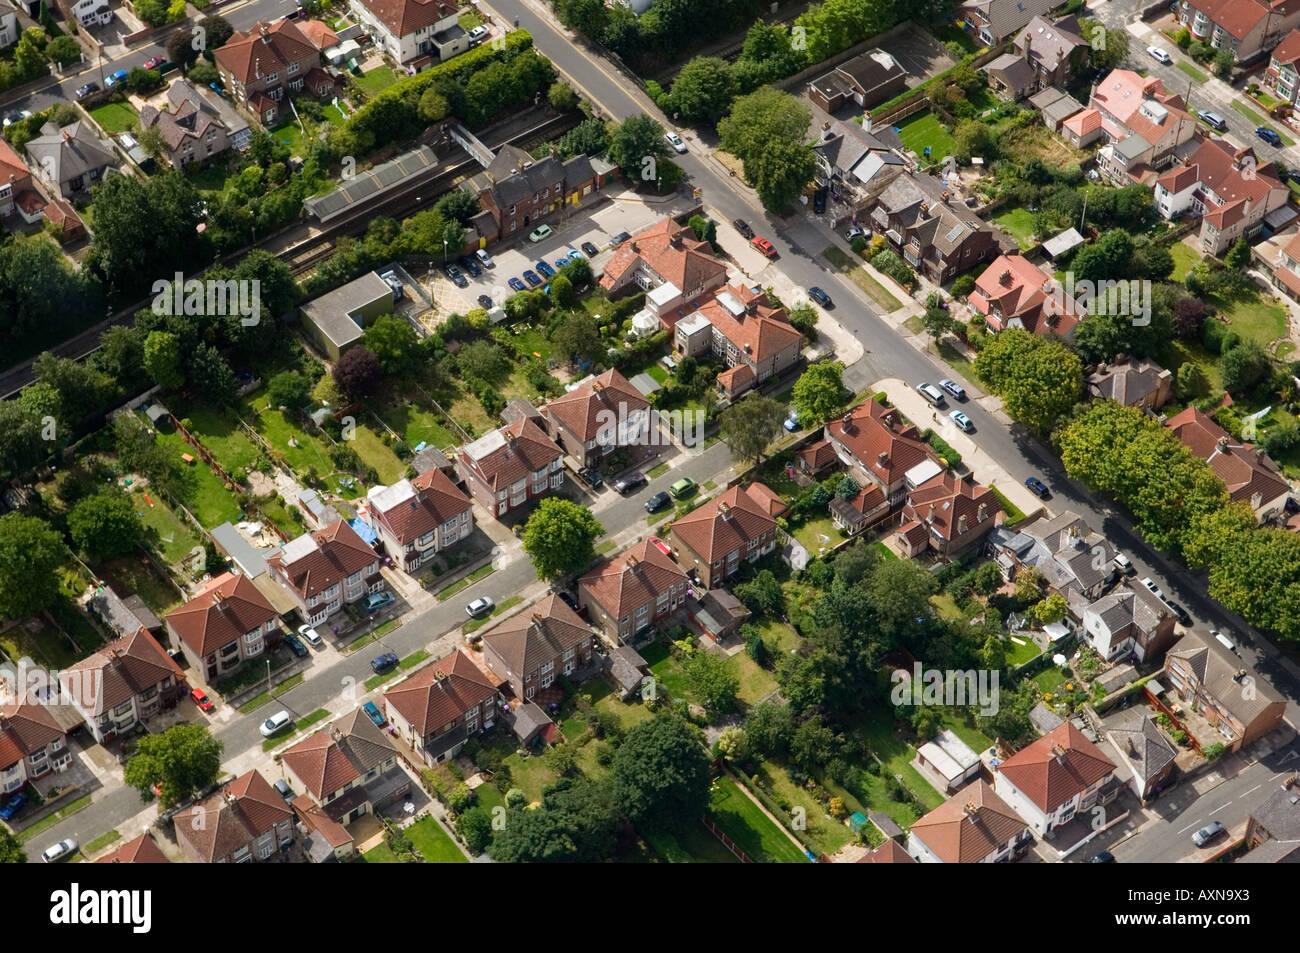 Suburban doppelhaush lfte wohnen in merseyside in der n he von sefton park und den fluss mersey - Gartengestaltung doppelhaushalfte bilder ...